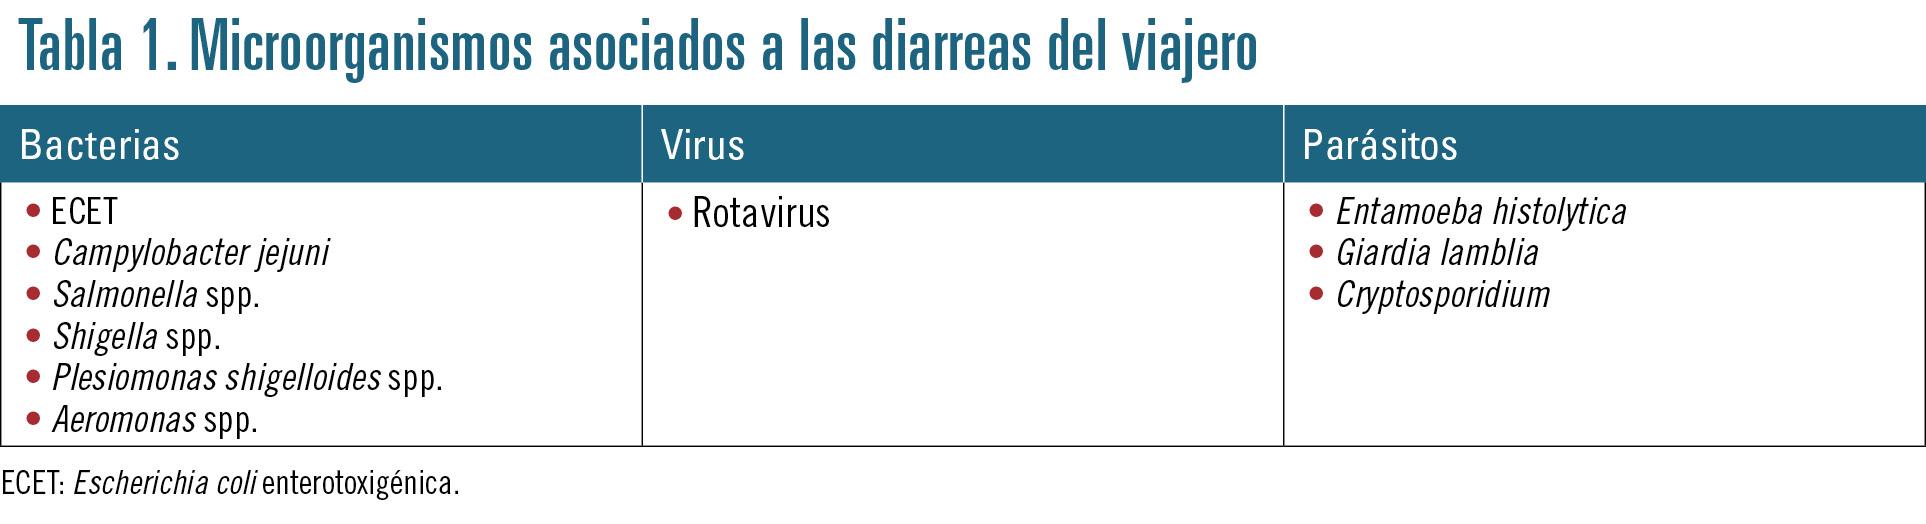 24 EF599 PROFESION manejo de la diarrea tabla 1